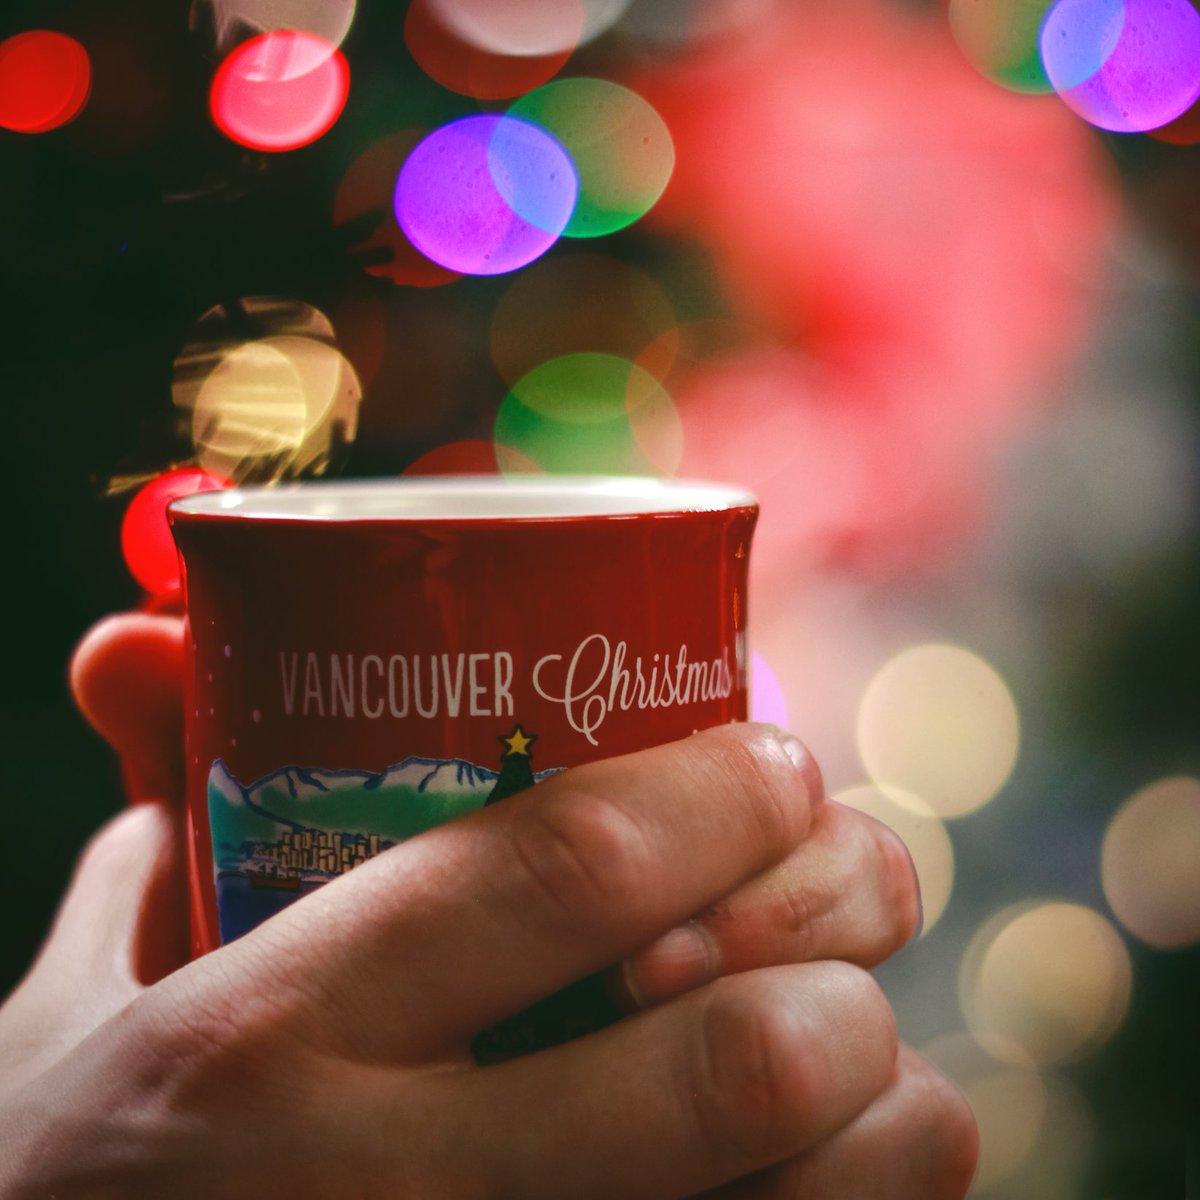 Vancouver Christmas Market Mug.Vancouver Christmas On Twitter Mug Alert We Are